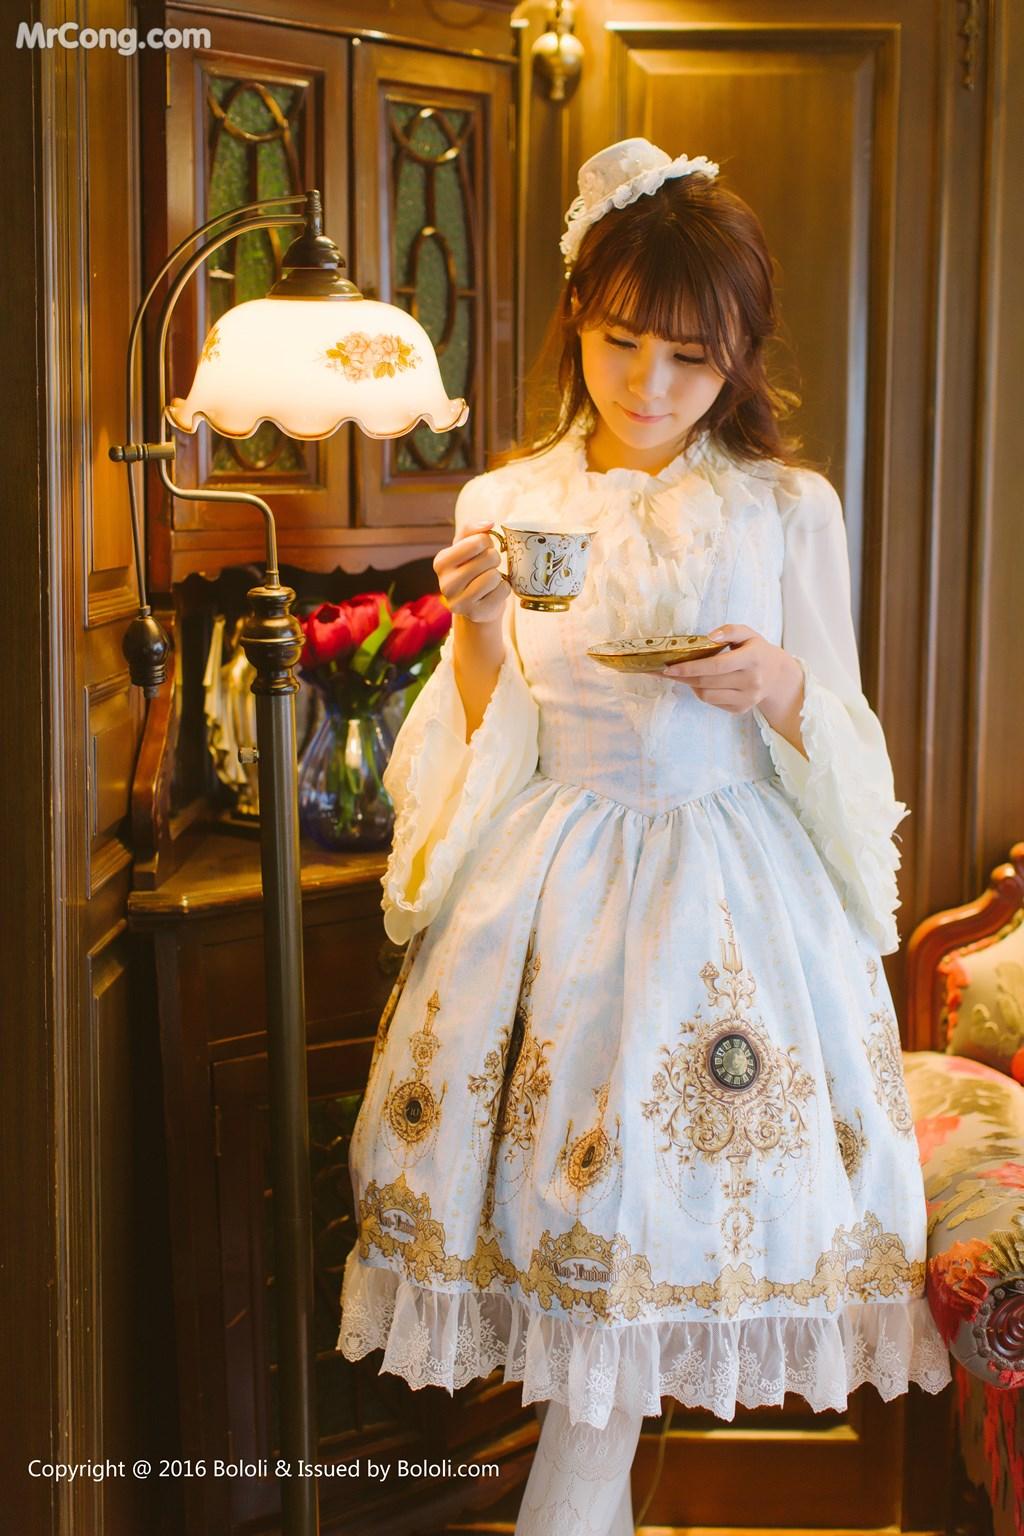 Image Tukmo-Vol.113-Xia-Mei-Jiang-MrCong.com-001 in post Tukmo Vol.113: Người mẫu Xia Mei Jiang (夏美酱) (63 ảnh)